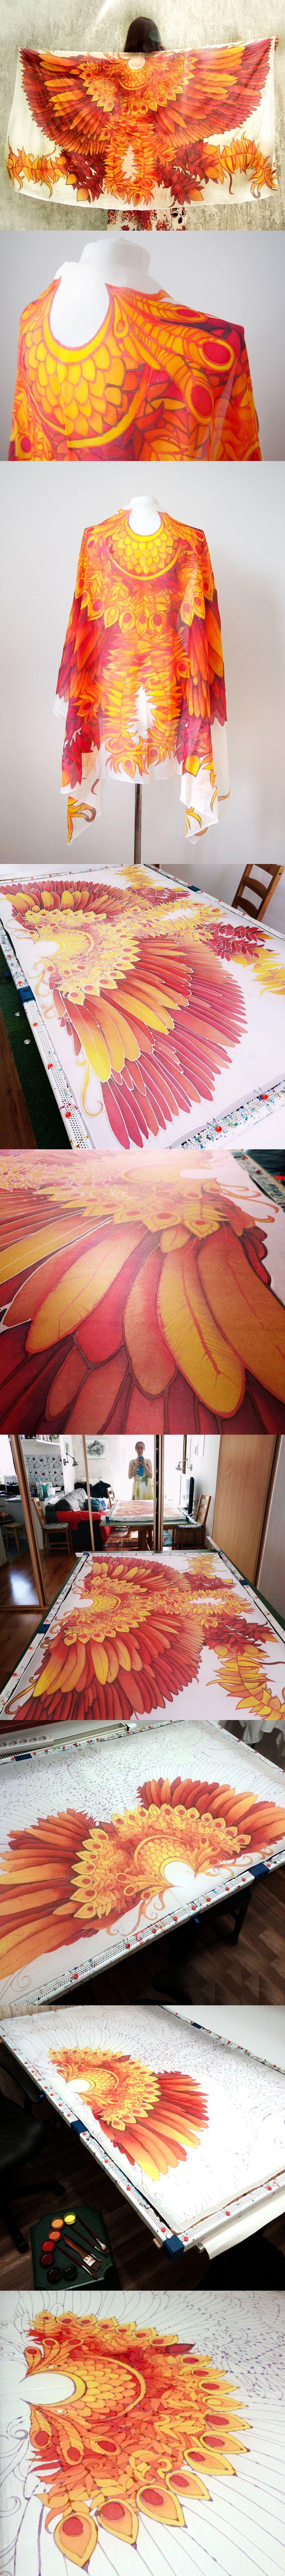 #silk #scarf #firebird #wings #wingscarf #wingsscarf #redscarf #feathers #minkulul